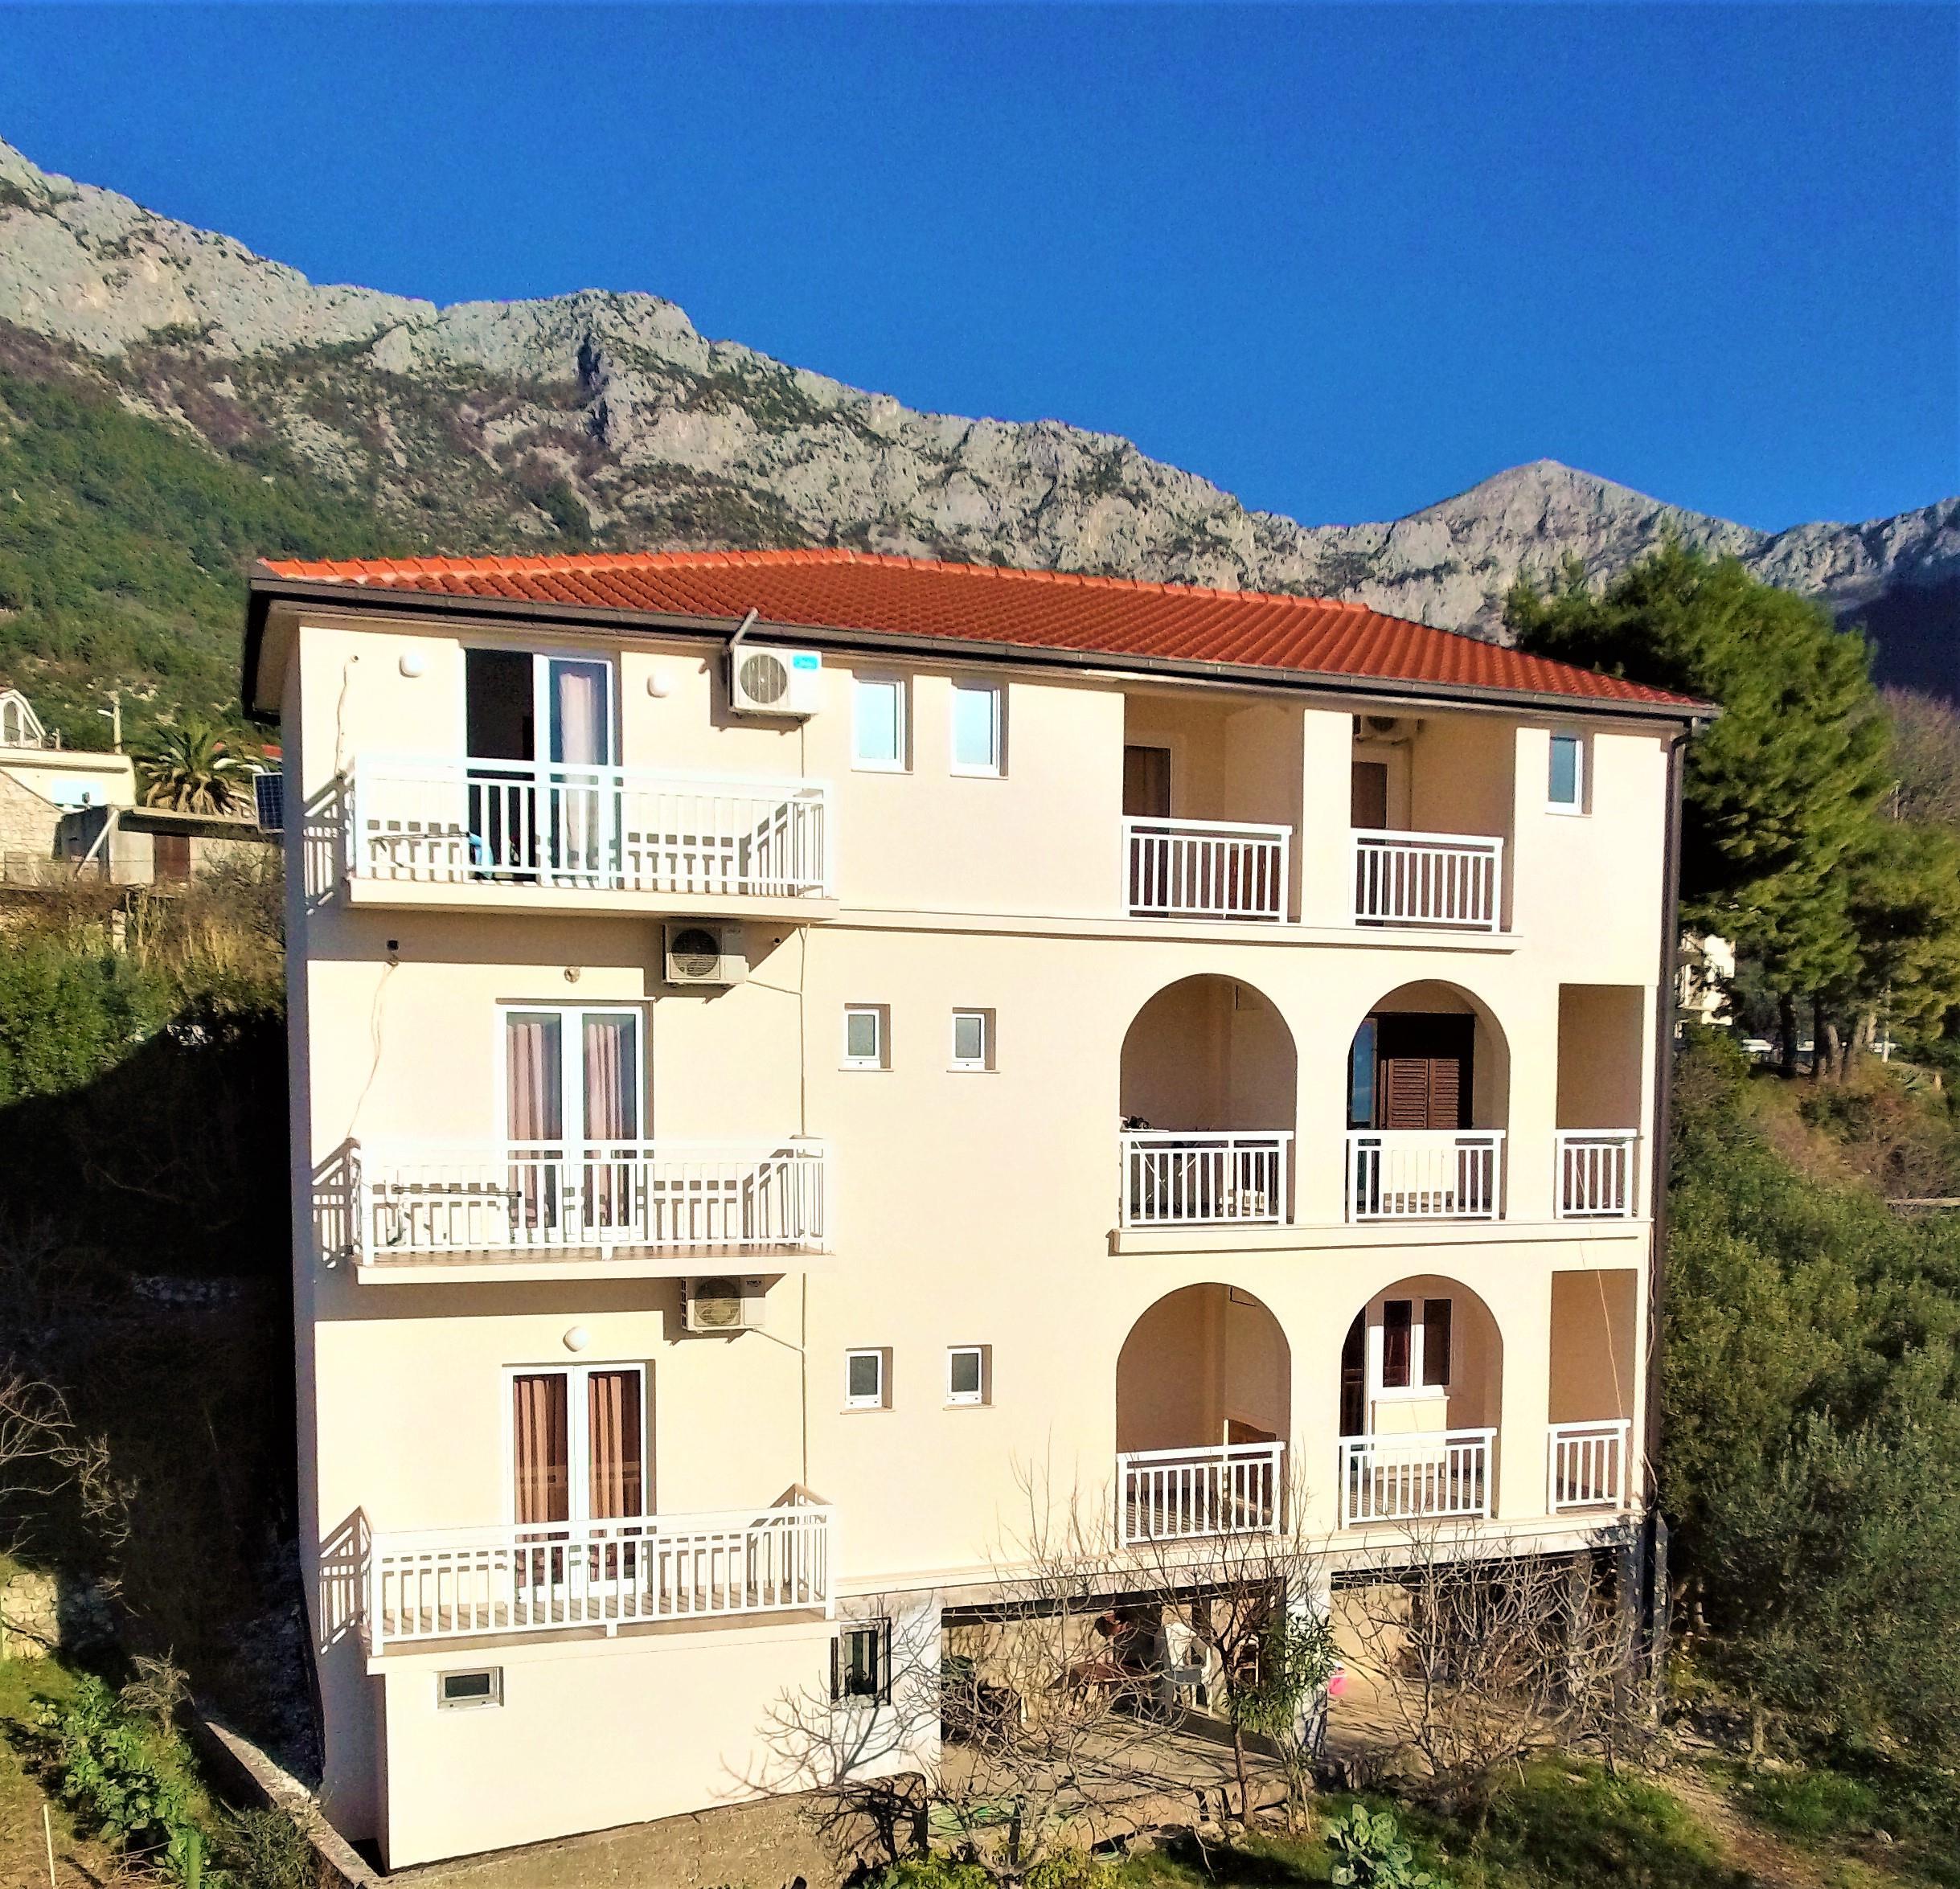 Villa Tina - izby s polpenziou***